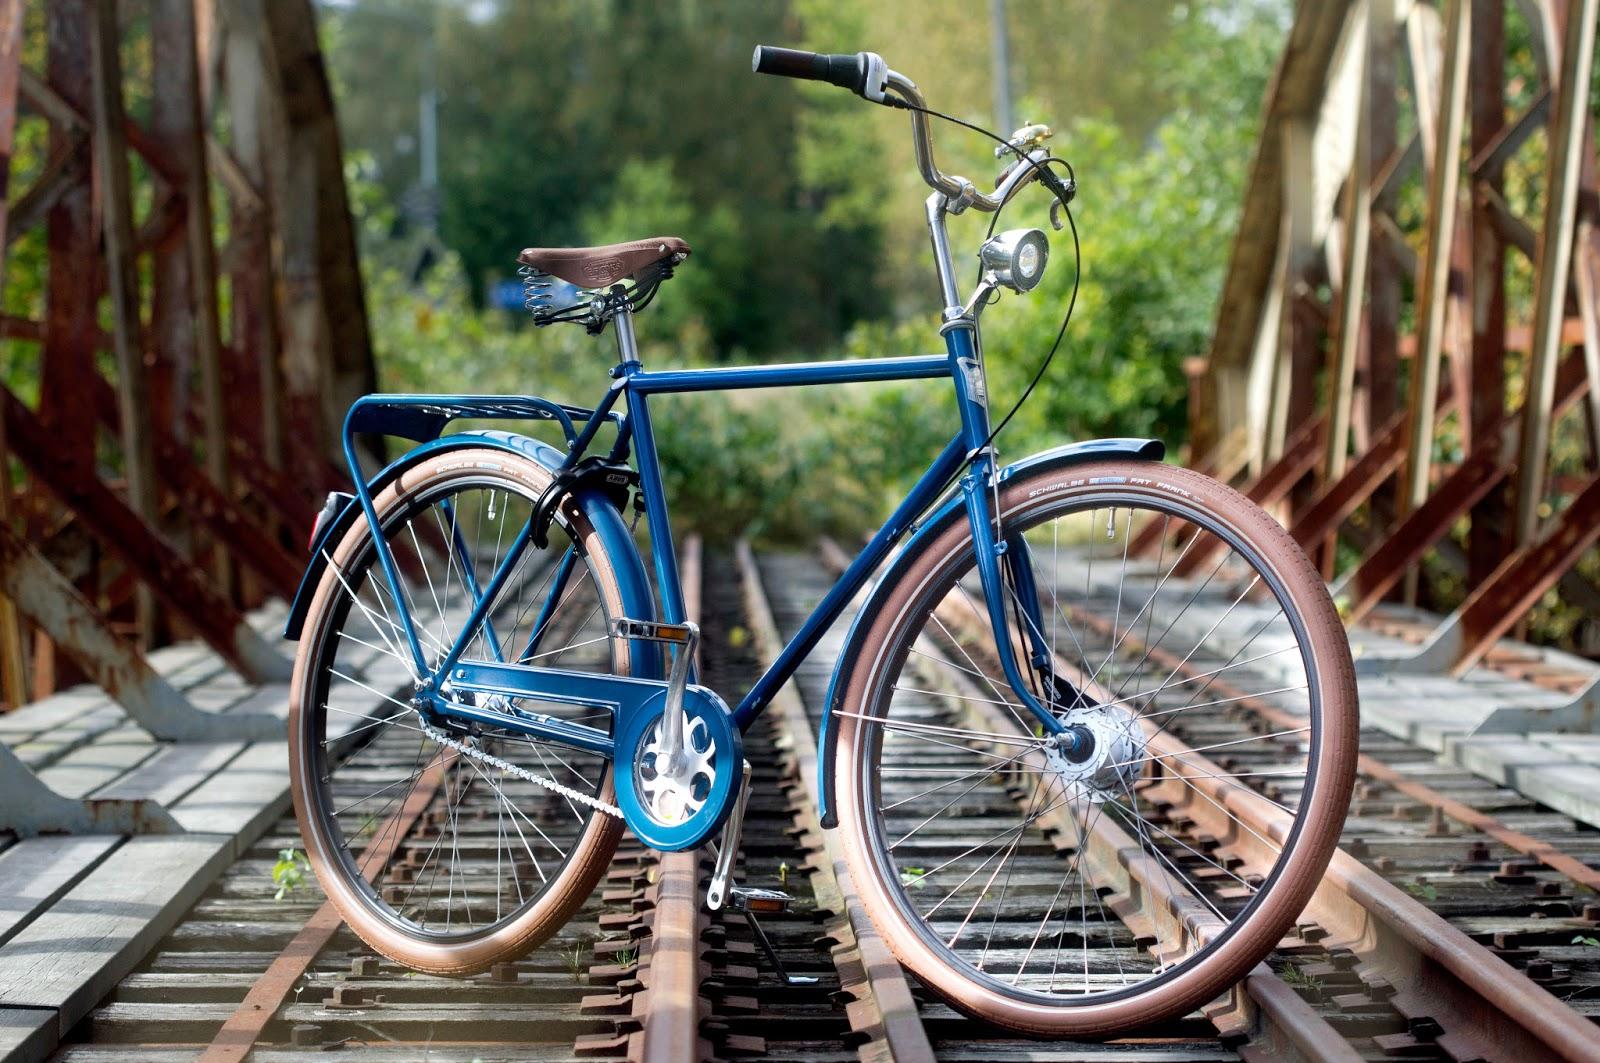 Pilen Lyx Special Blå helfärgad. Extrautrustning: bruna däck Fat Frank, läderhandtag och Crane Bell Suzu Brass.